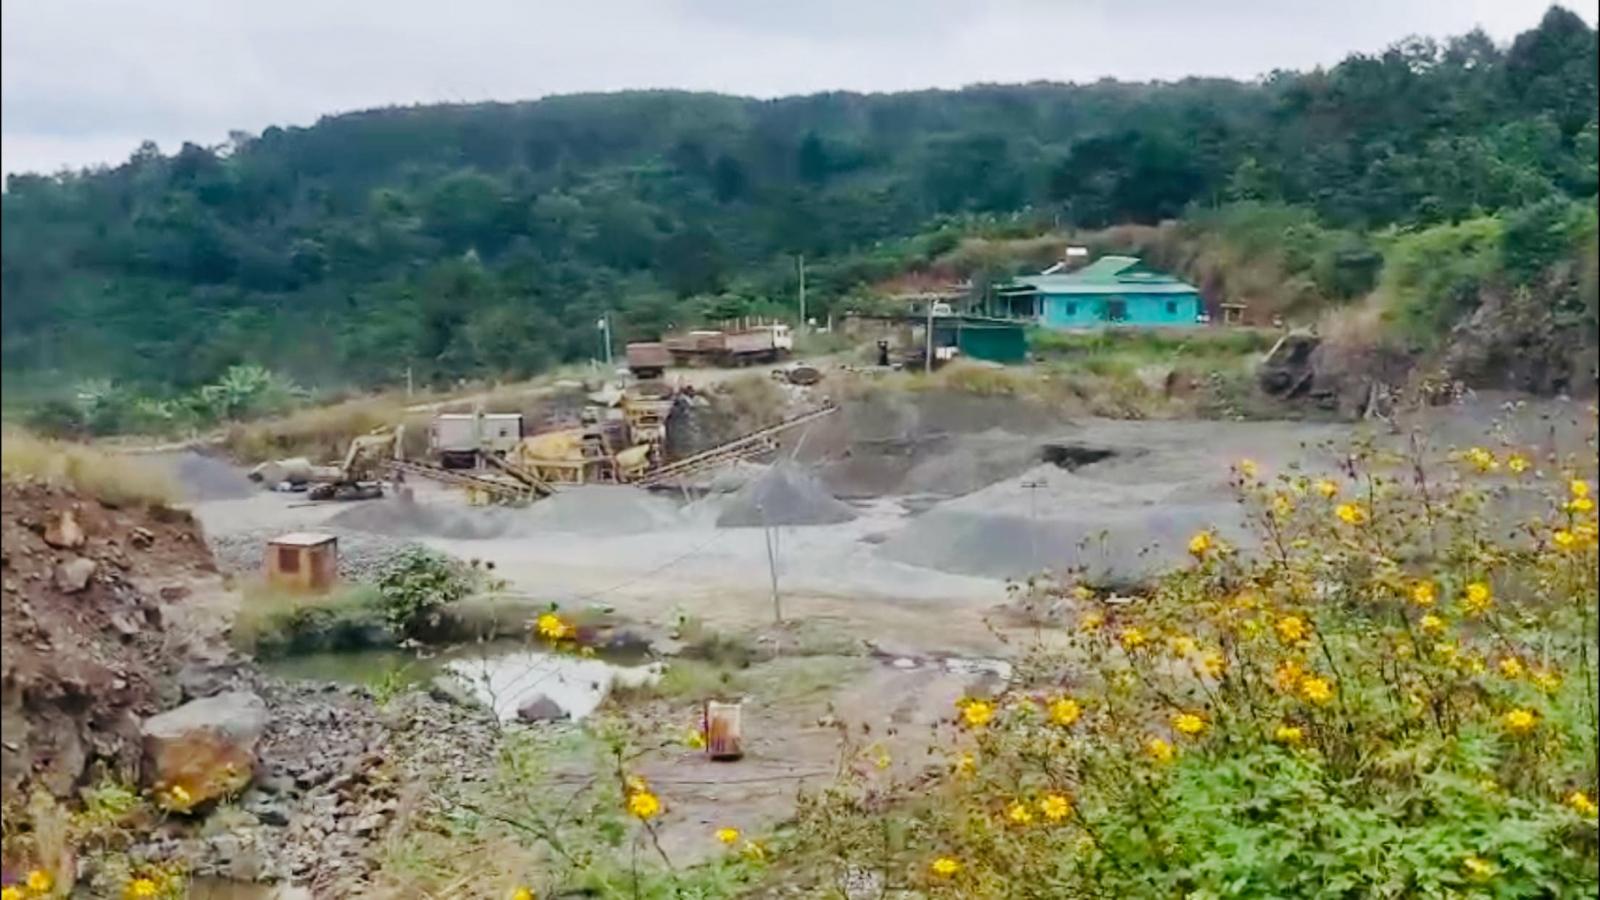 Truy tố giám đốc công ty khai thác đá trốn thuế ởĐắk Nông